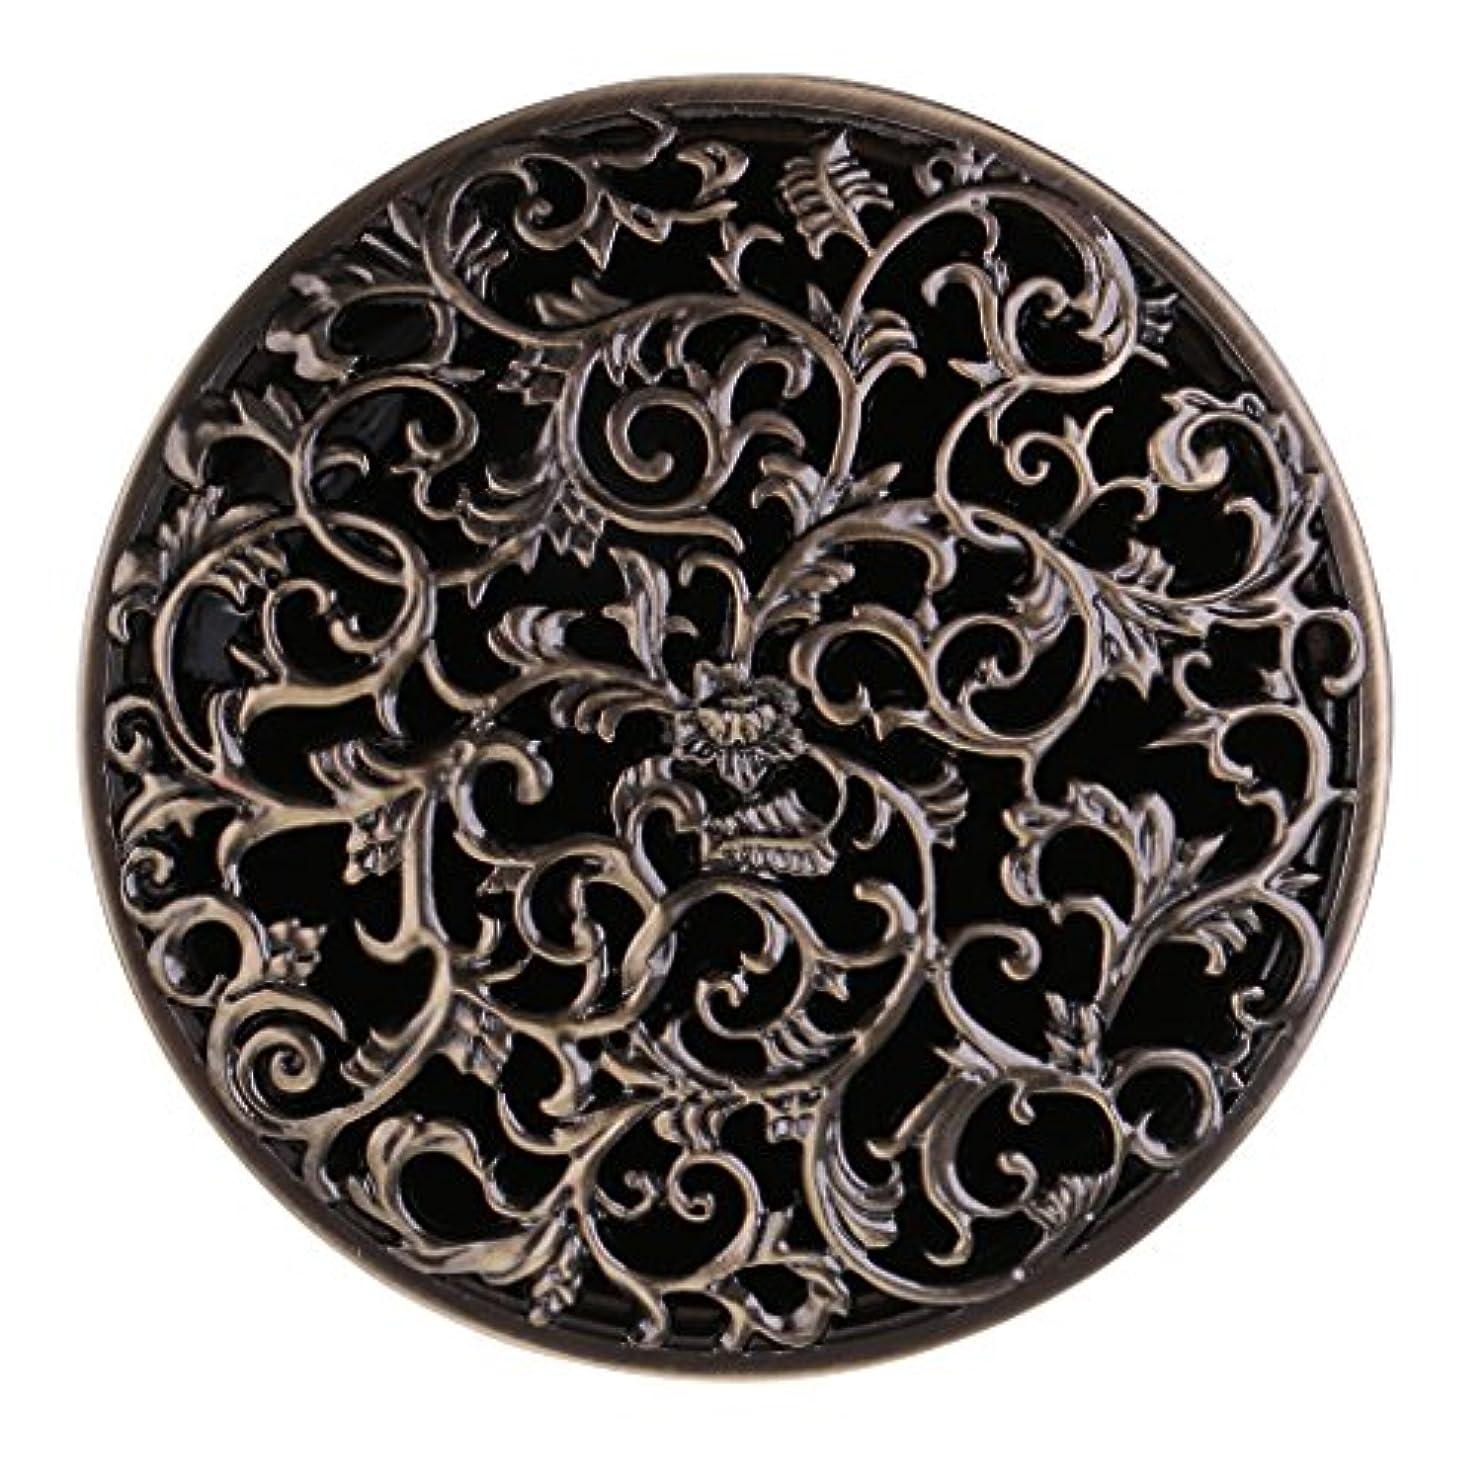 薬大きさ最終的にチベット 合金 香炉 コーンホルダー 仏教 香りバーナー ボックス 家 装飾 全3色 - ブロンズ